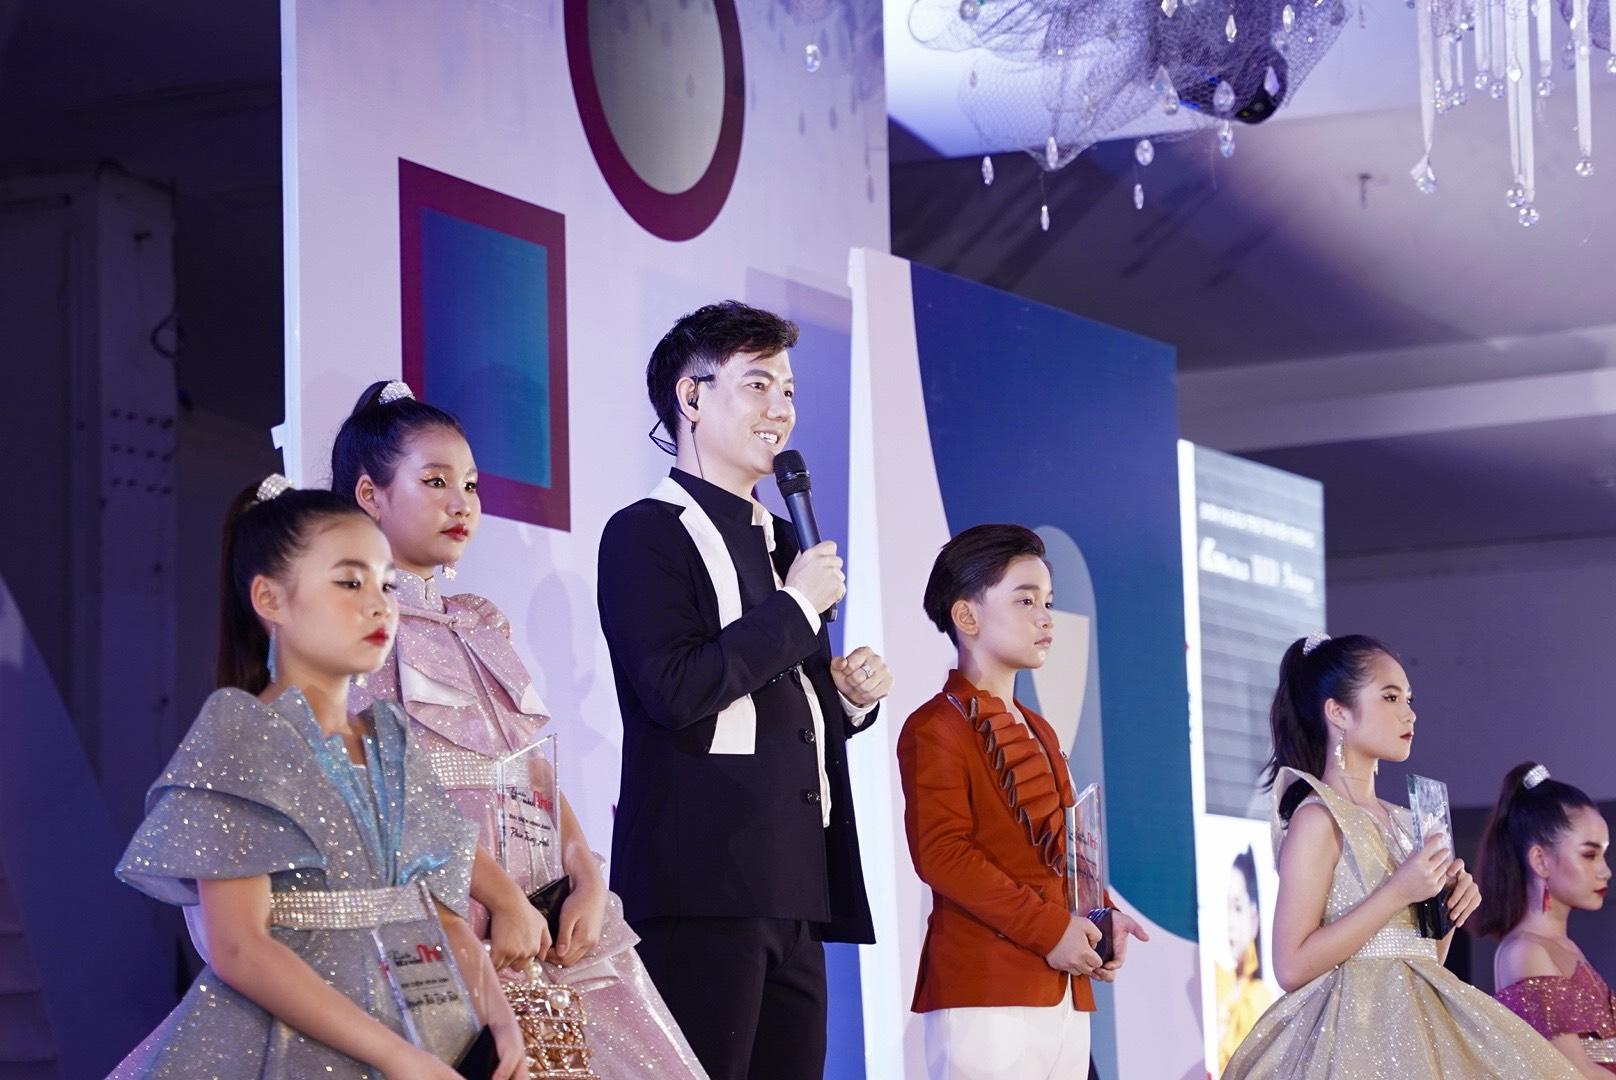 Trưởng Ban tổ chức, NTK Lê Trần Đắc Ngọc chia sẻ: Đại hội Siêu mẫu nhí 2021 không chỉ là sân chơi dành cho các tài năng nhí đam mê thời trang mà còn phát hiện, ươm mầm thế hệ người mẫu nhí tiềm năng cho nền công nghiệp thời trang Việt Nam và thế giới. Không chỉ vậy, đây cũng là cầu nối đưa những nhà thiết kế trẻ đến gần hơn với công chúng yêu thời trang. Họ đều là những sinh viên đam mê và đang theo học ngành thiết kế thời trang tại các trường đại học trên cả nước. Lần đầu tiên tại Việt Nam, các bạn sinh viên được hiện thực hóa các bộ sưu tập của mình và trình diễn trên sàn diễn lớn với sự tư vấn và hỗ trợ của các chuyên gia hàng đầu trong nước và quốc tế.